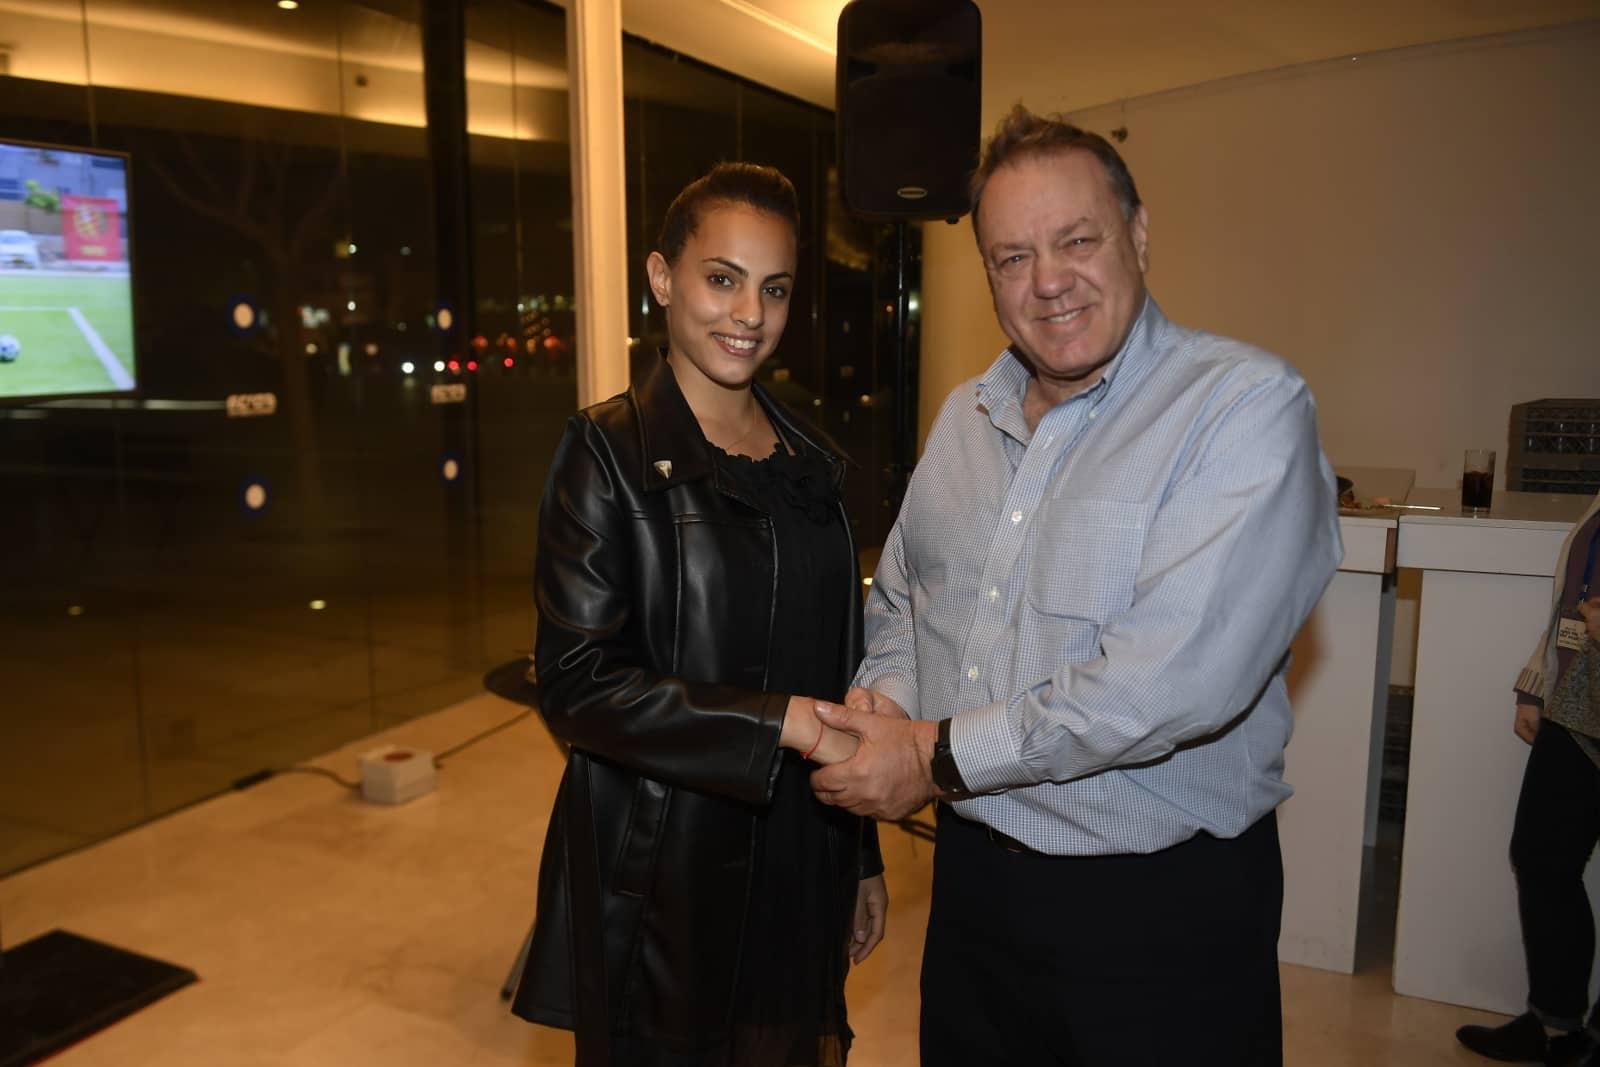 לינוי אשראם ספורטאית השנה עם שמוליק דונרשטיין בהענקת הפרס